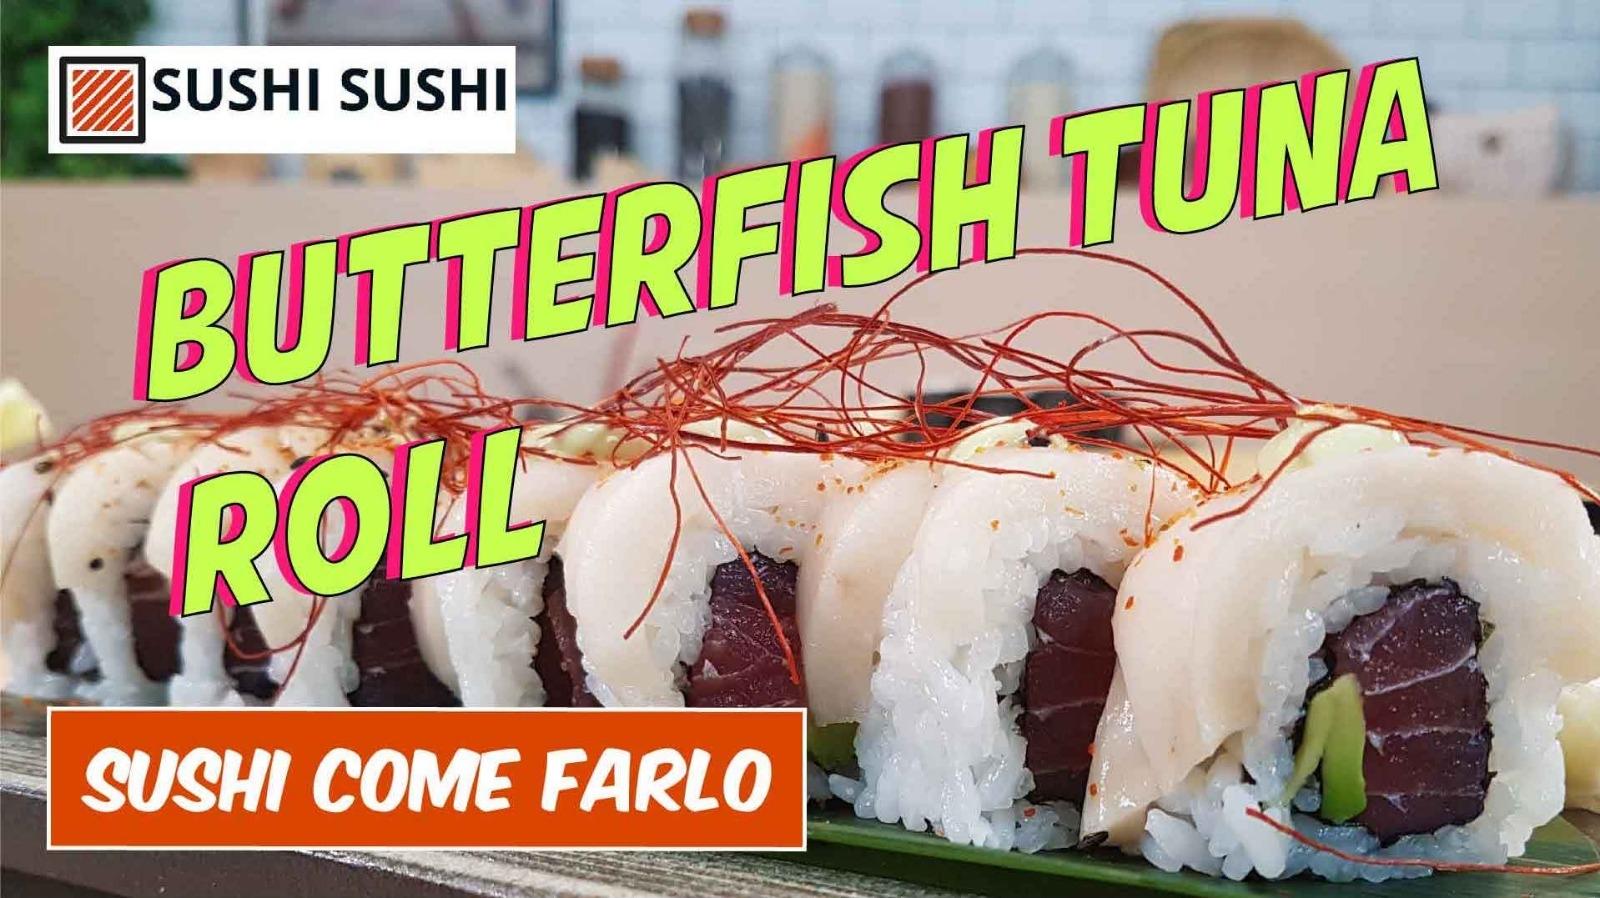 Butterfish Tuna sushi roll